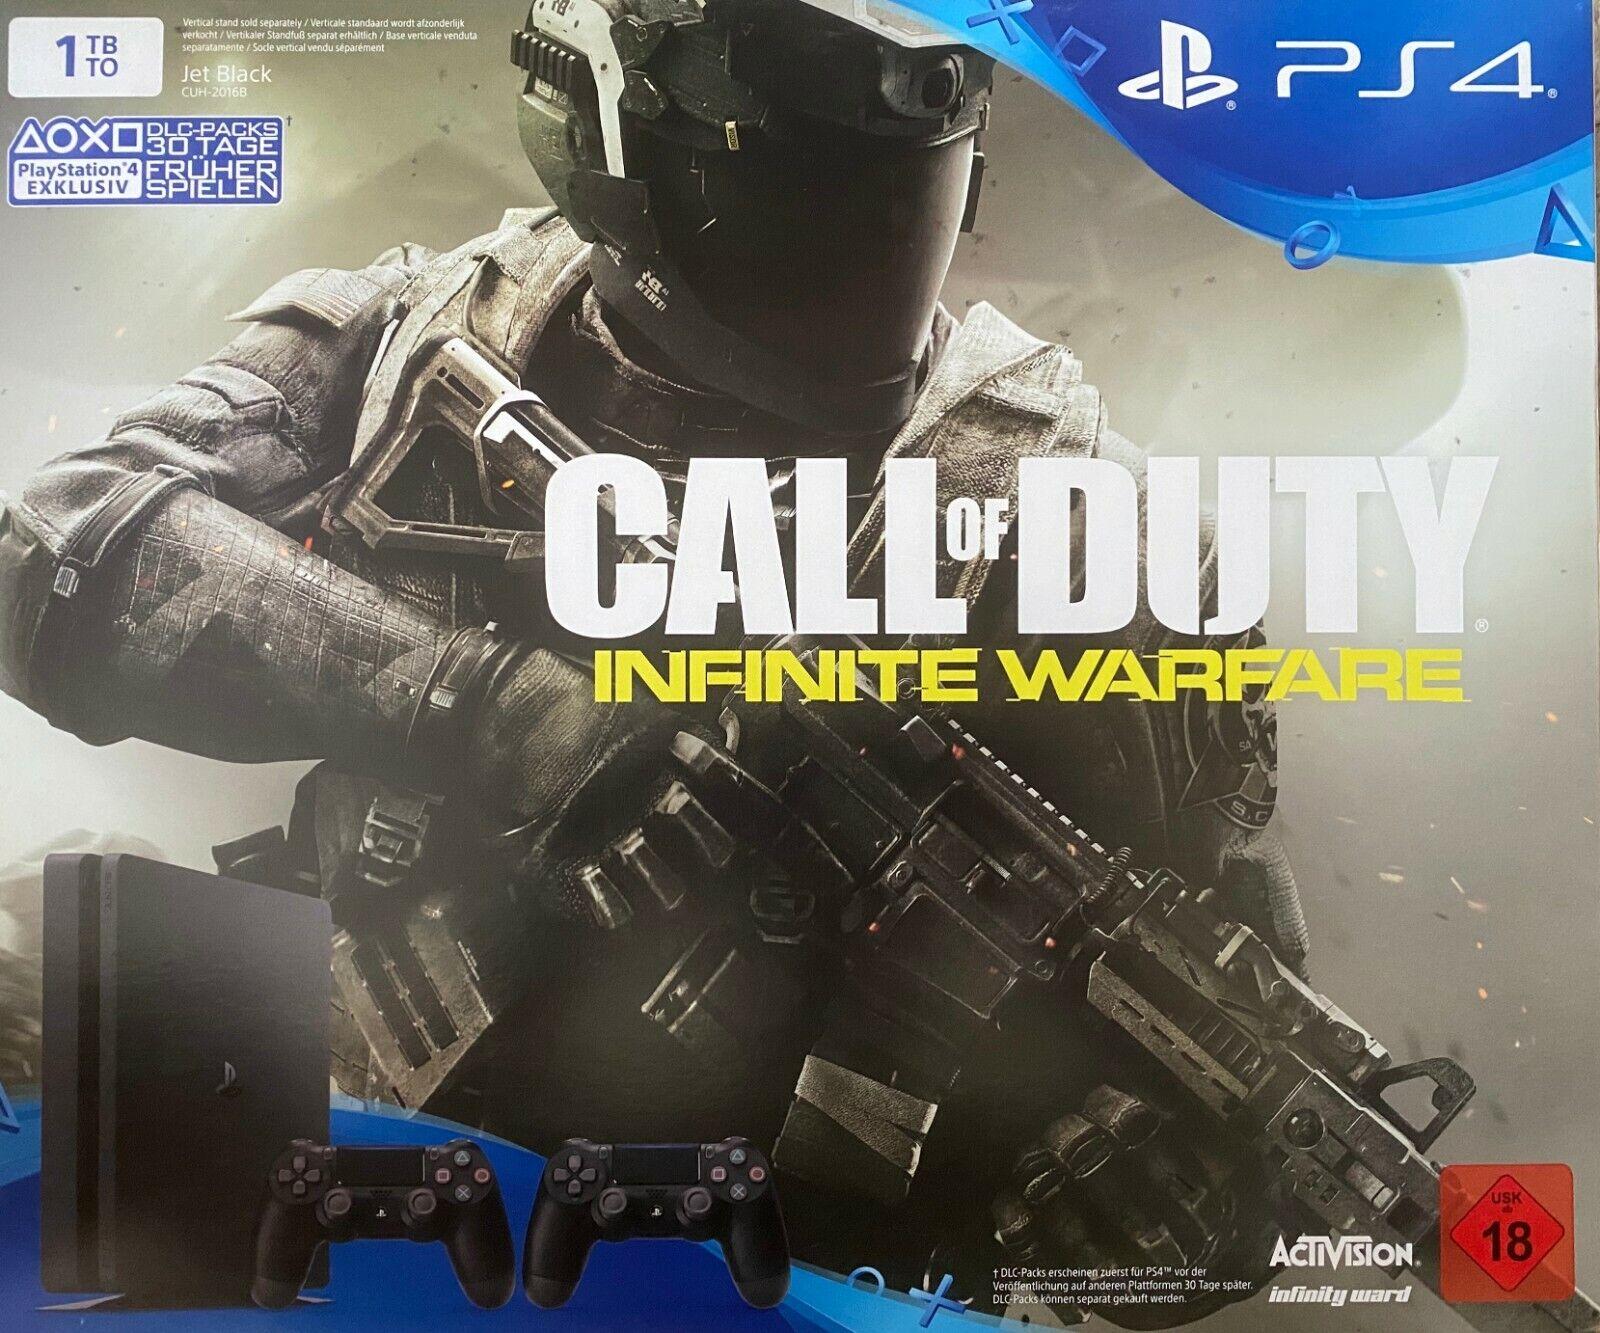 Sony PlayStation 4 Slim 1TB CUH-2016B inkl. 2. Controller und Call of Duty